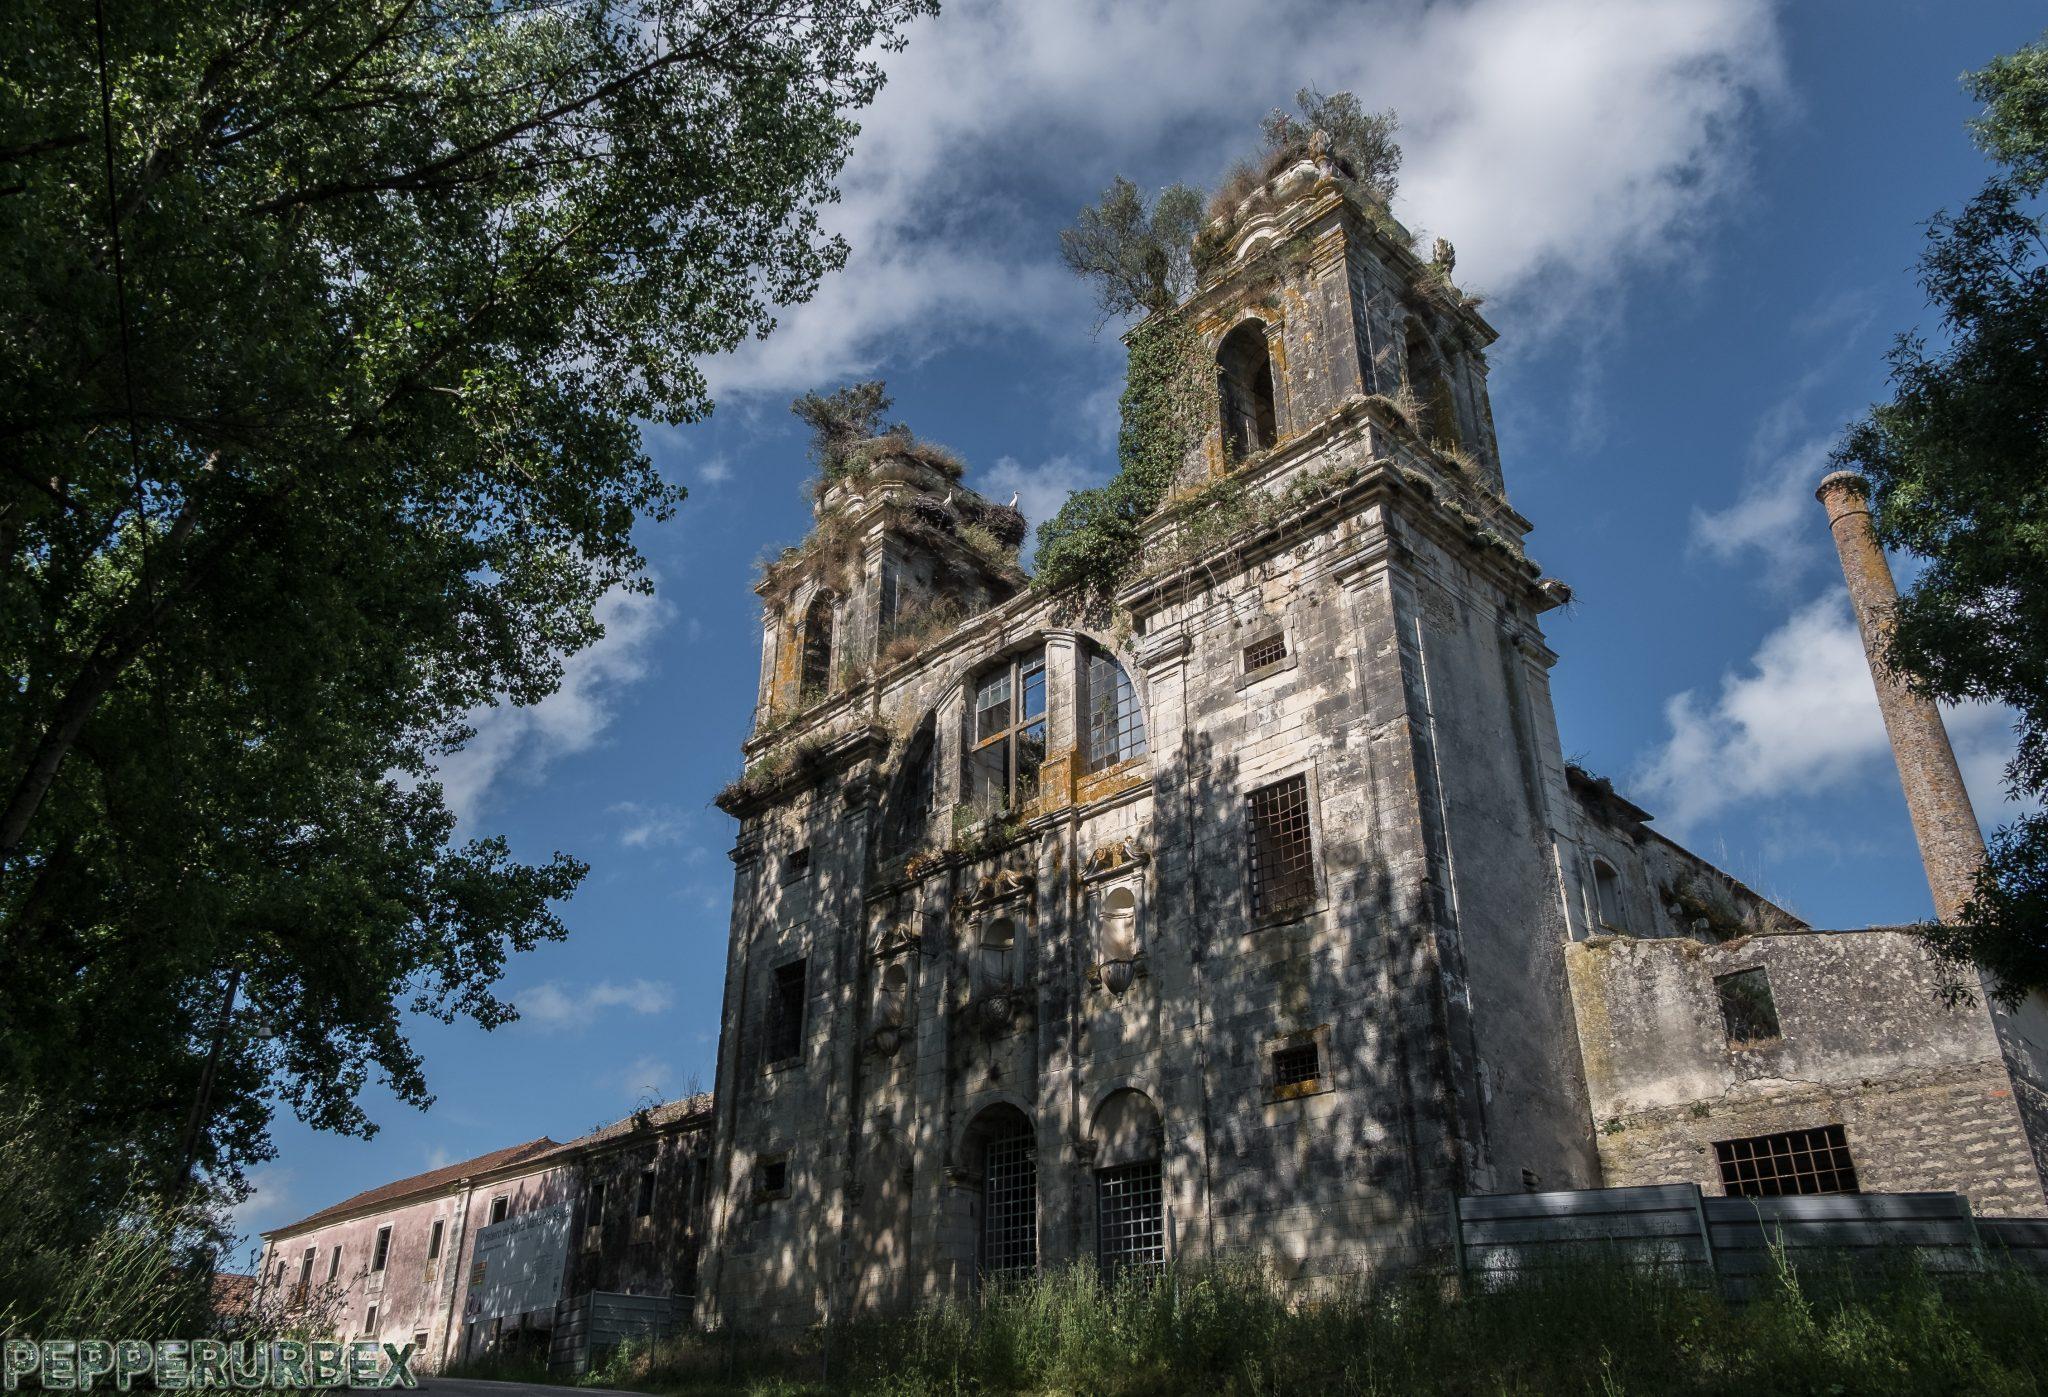 Mosteiro de Santa Maria de Seiça 1 van 1 2